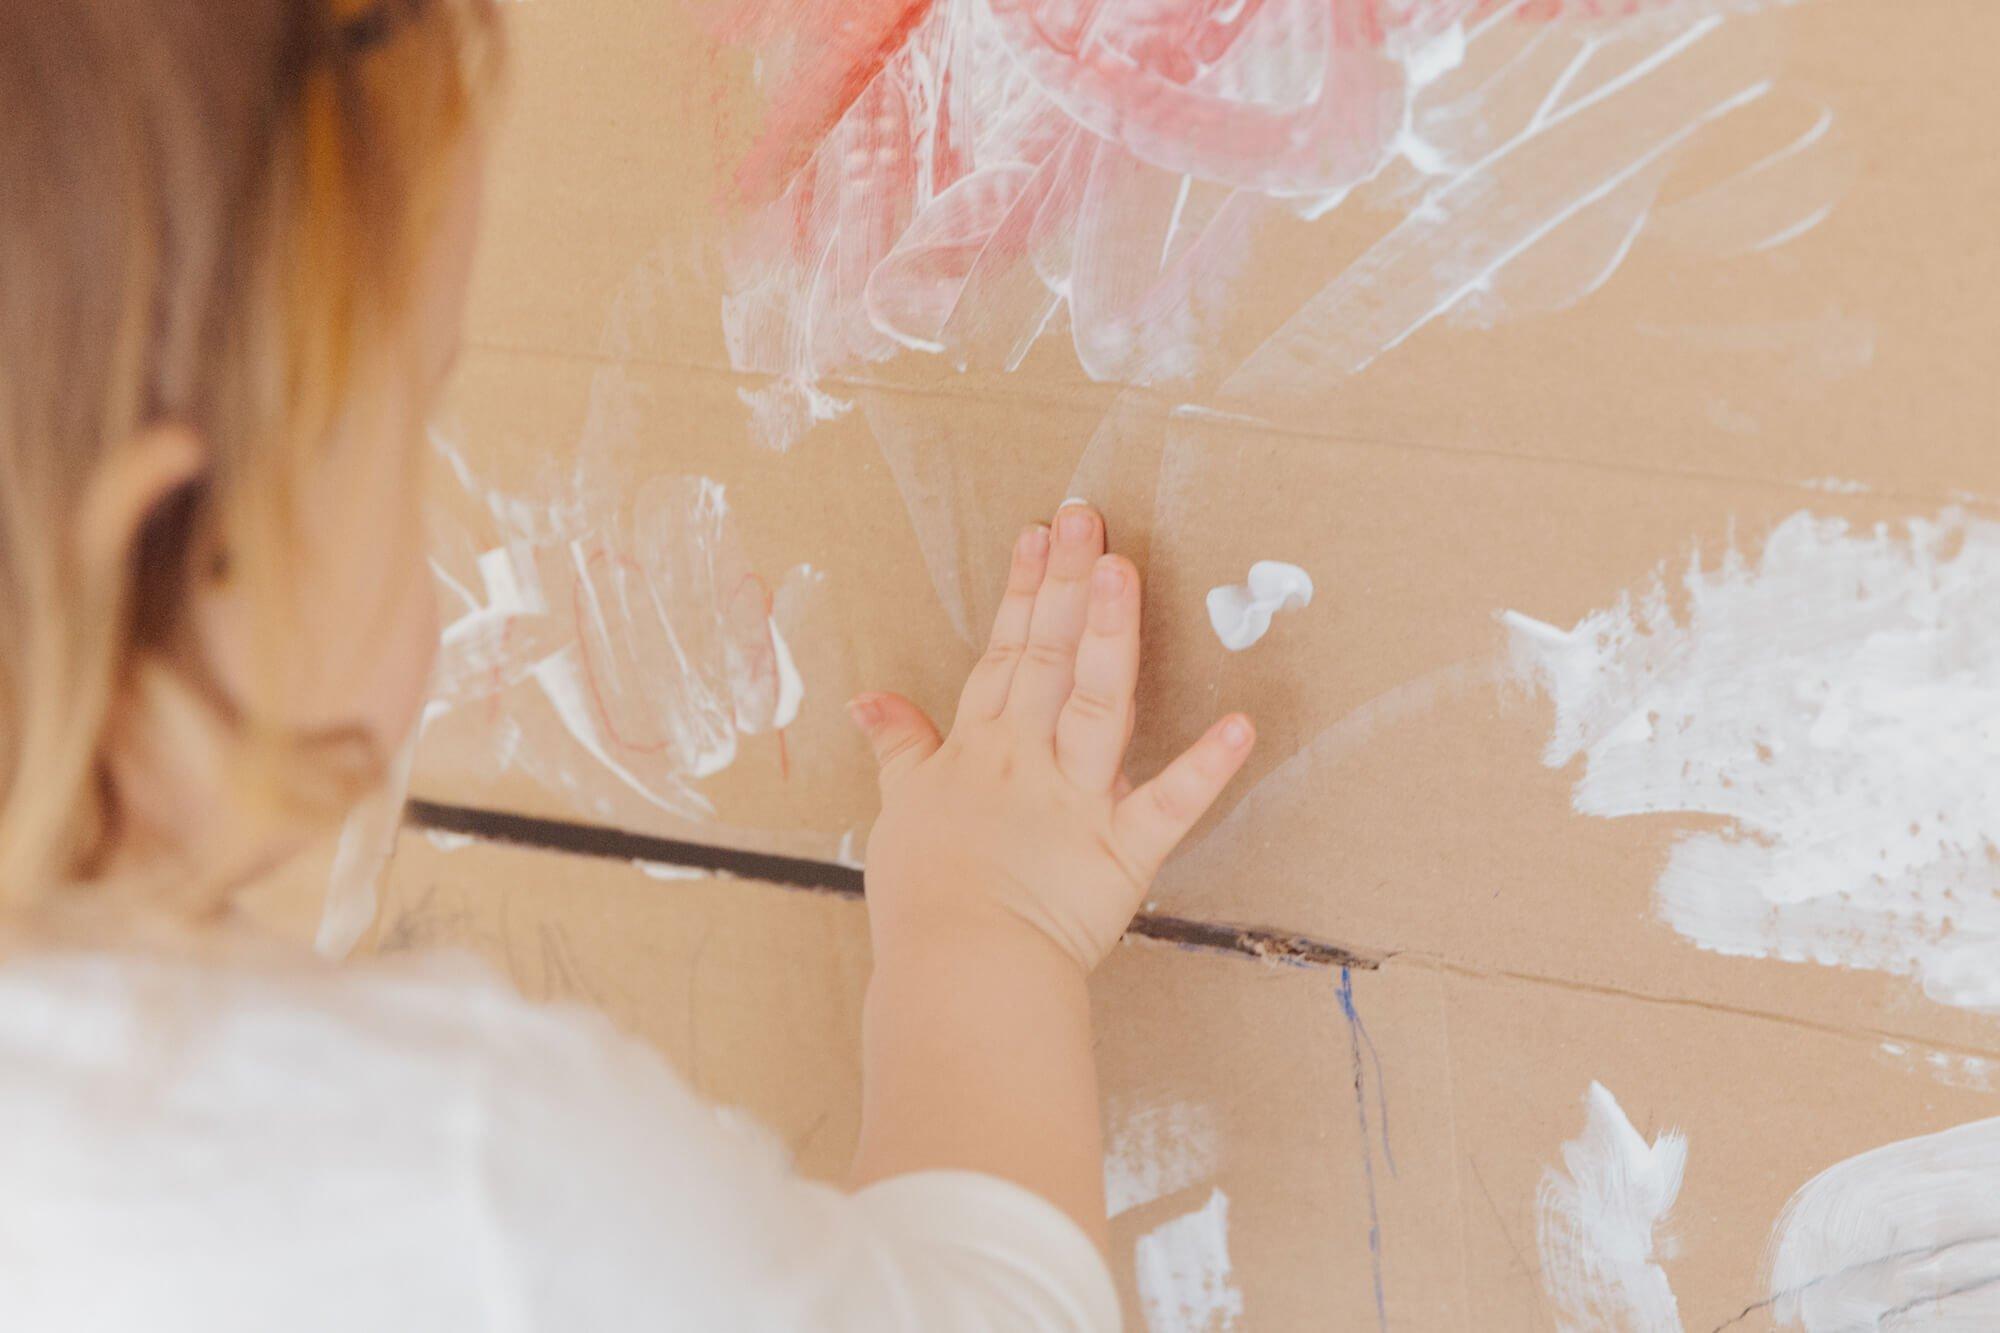 stain removal service san fernando